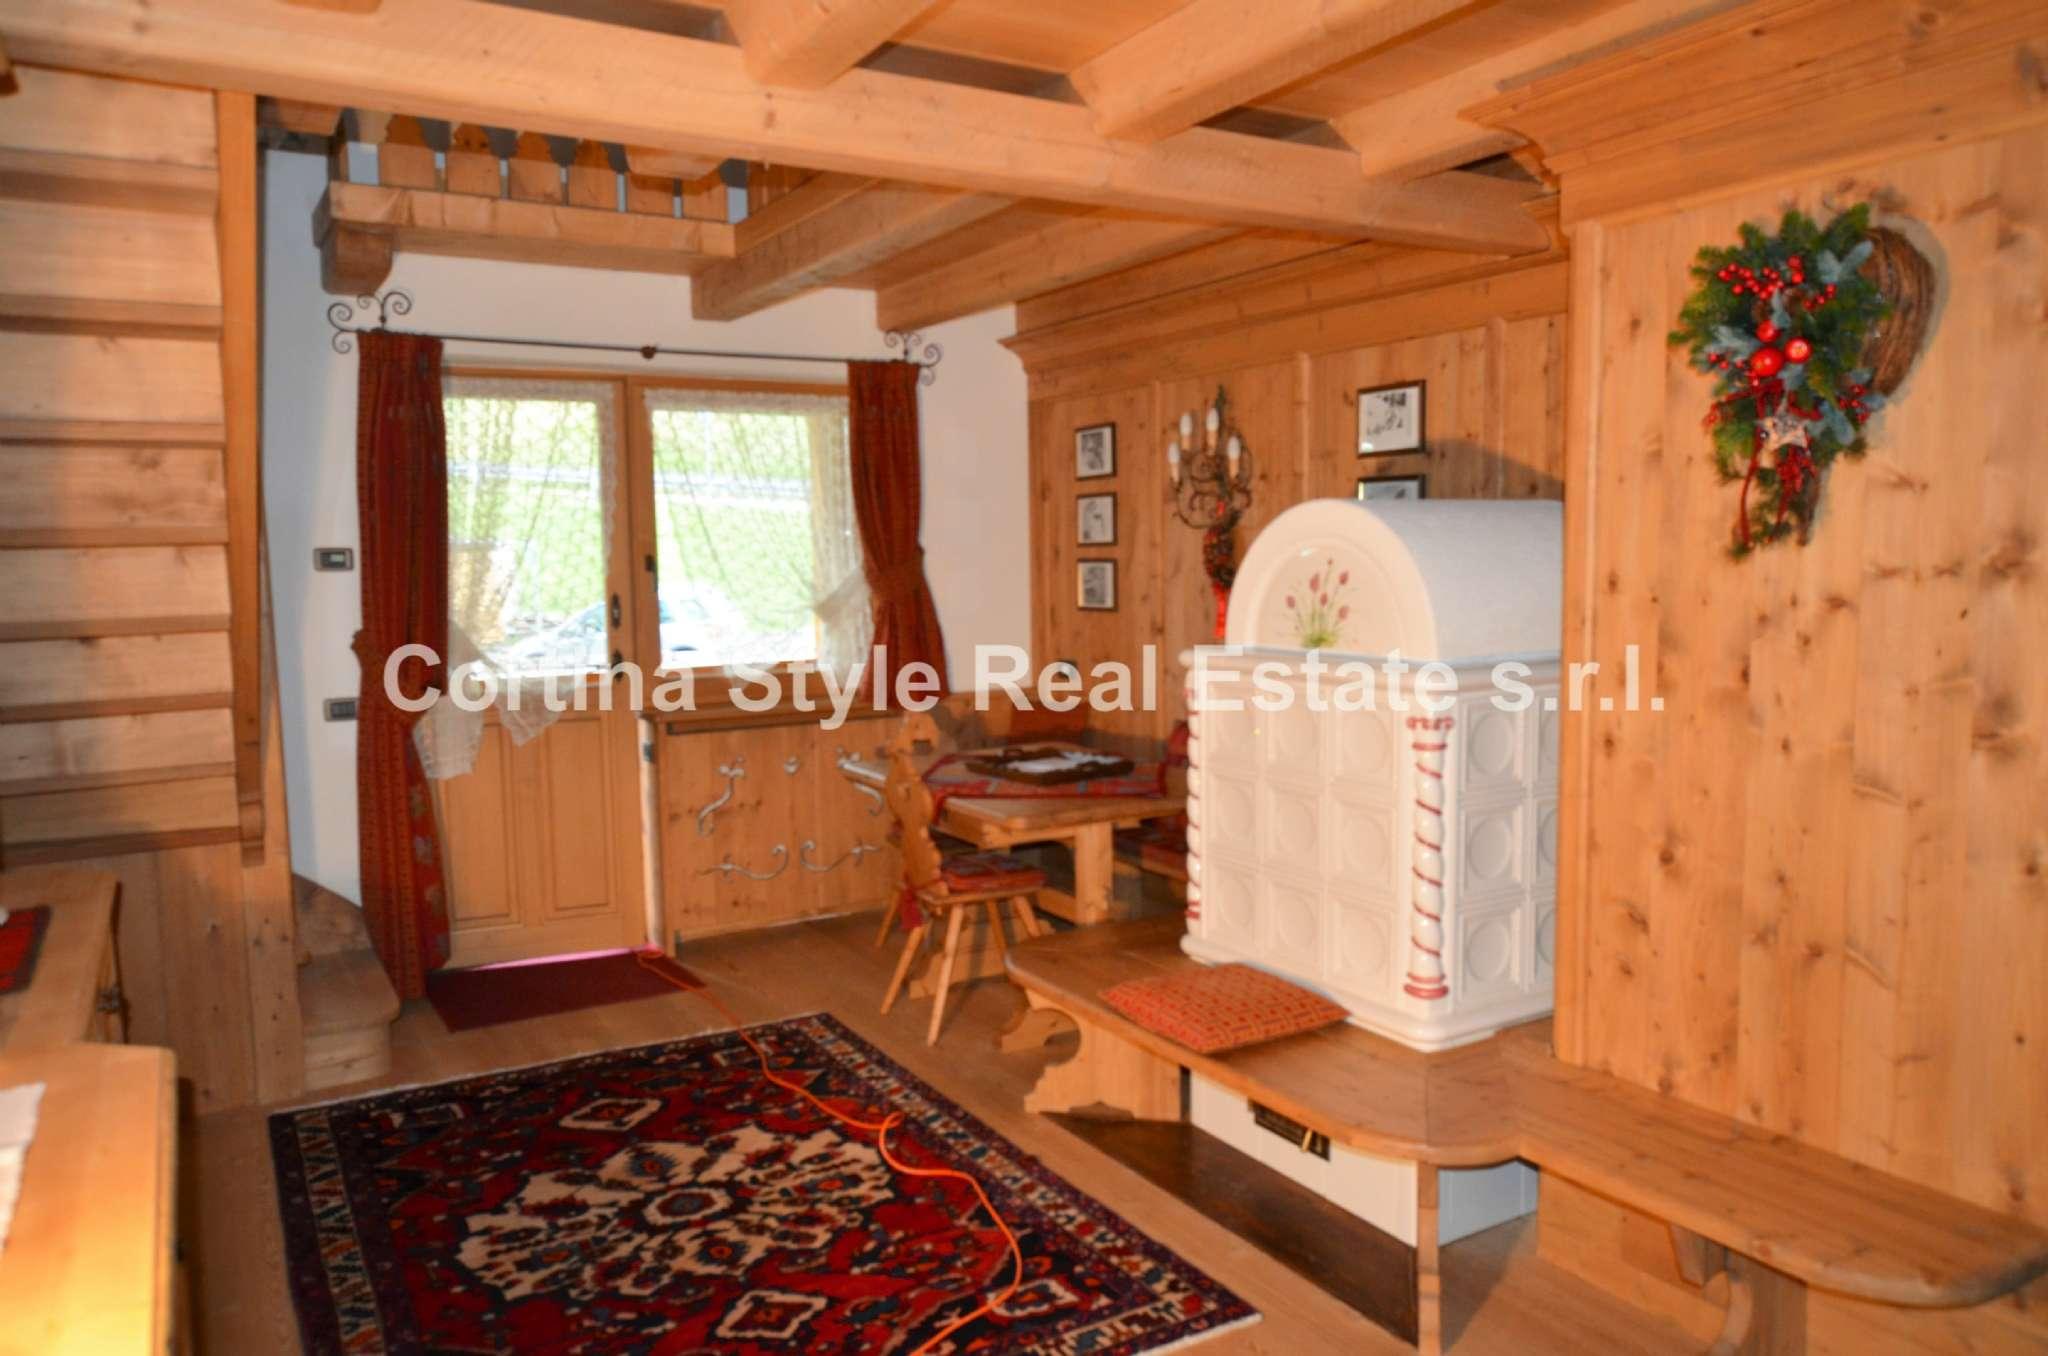 Appartamento 5 locali in affitto a Cortina d'Ampezzo (BL)